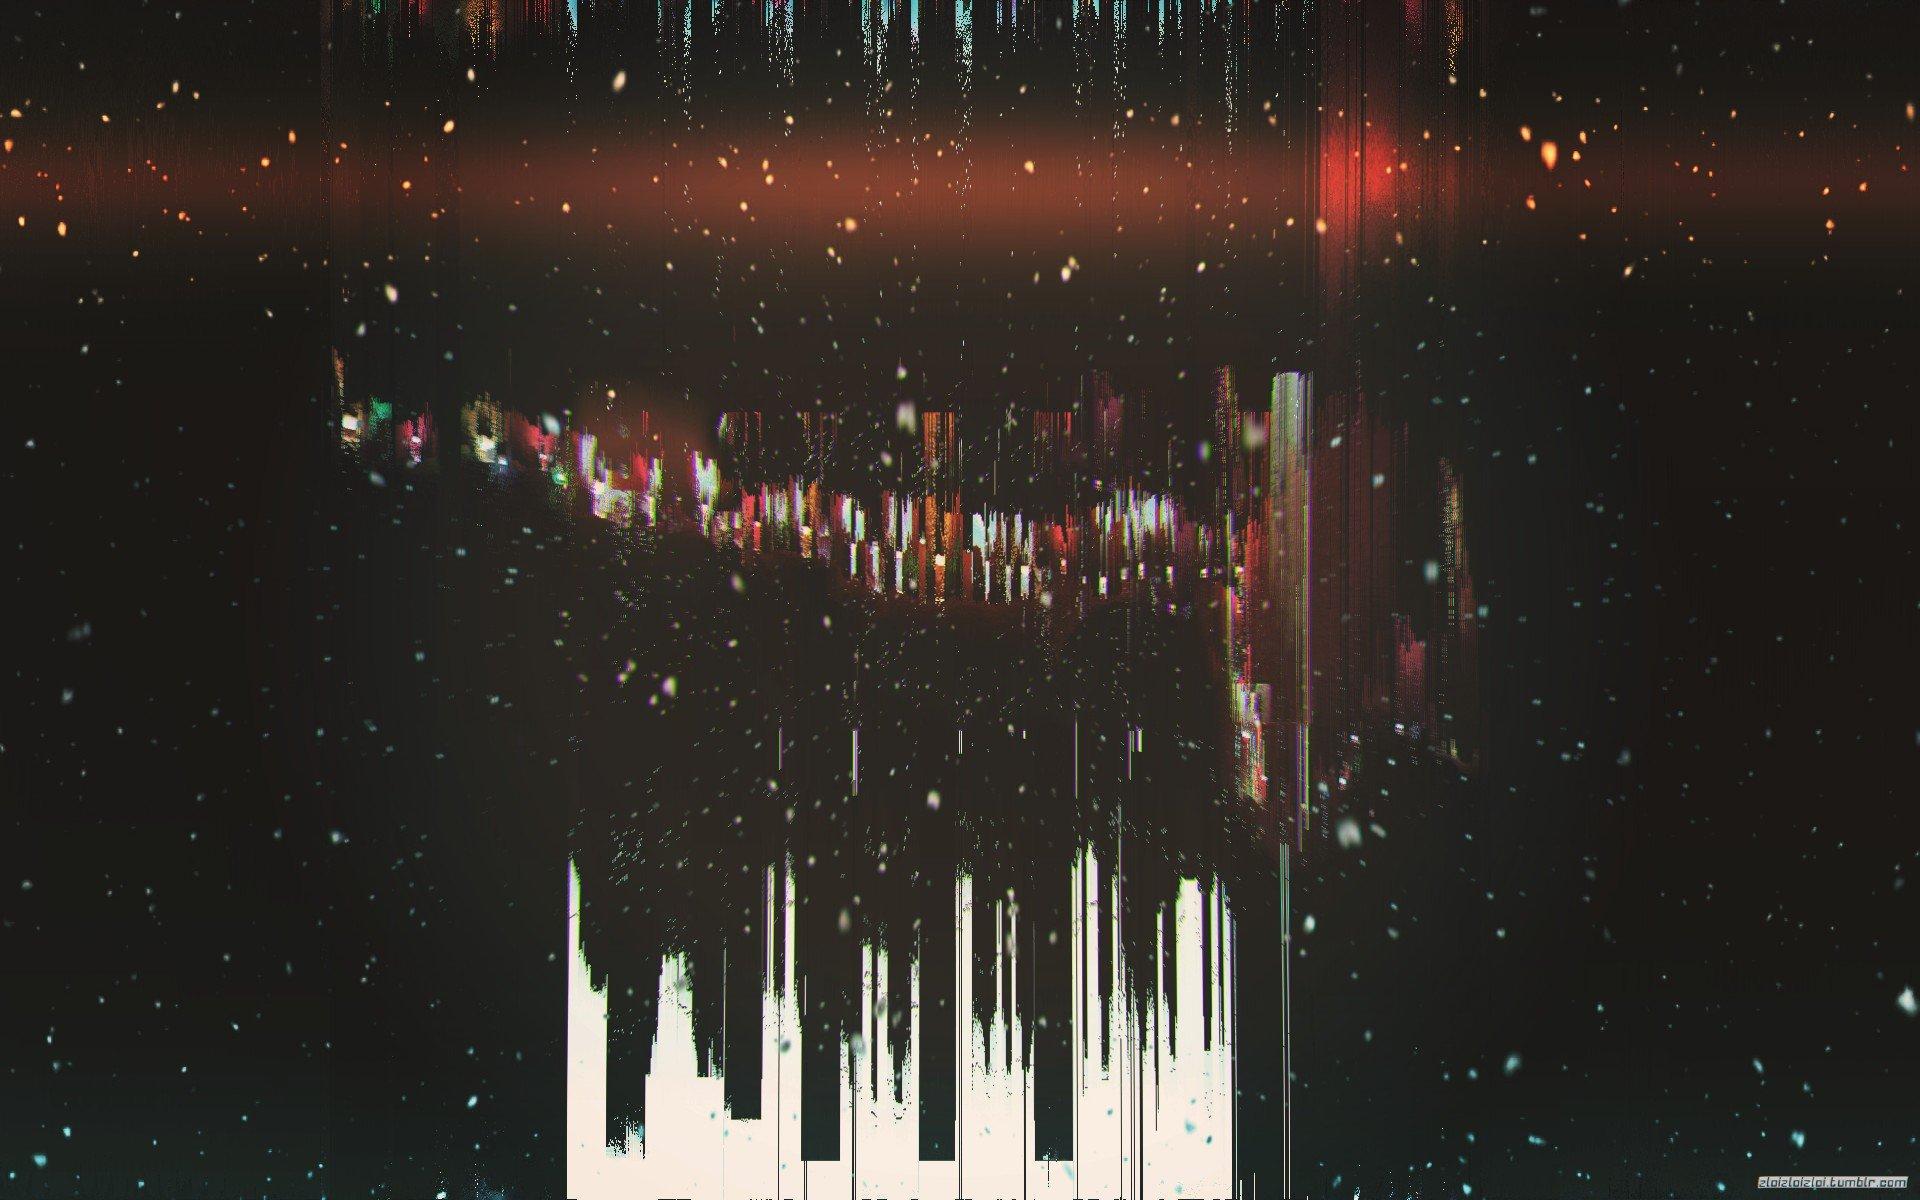 glitch art, Abstract, Minimalism, Dark, Black, Snow HD ...